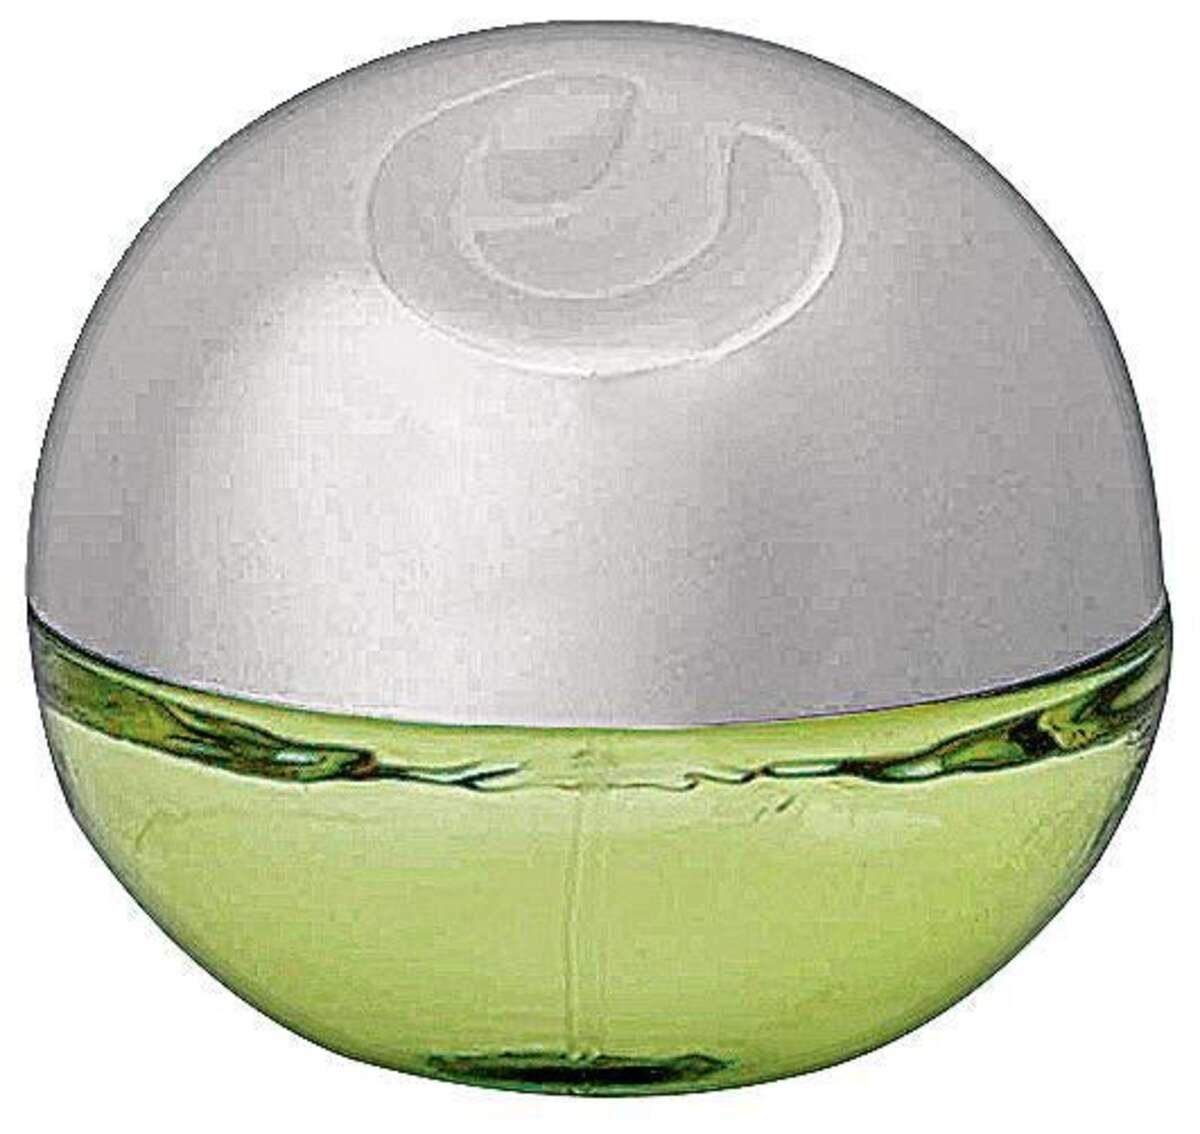 Bild 1 von DKNY be Delicious Eau de Parfum 99.67 EUR/ 100 ml